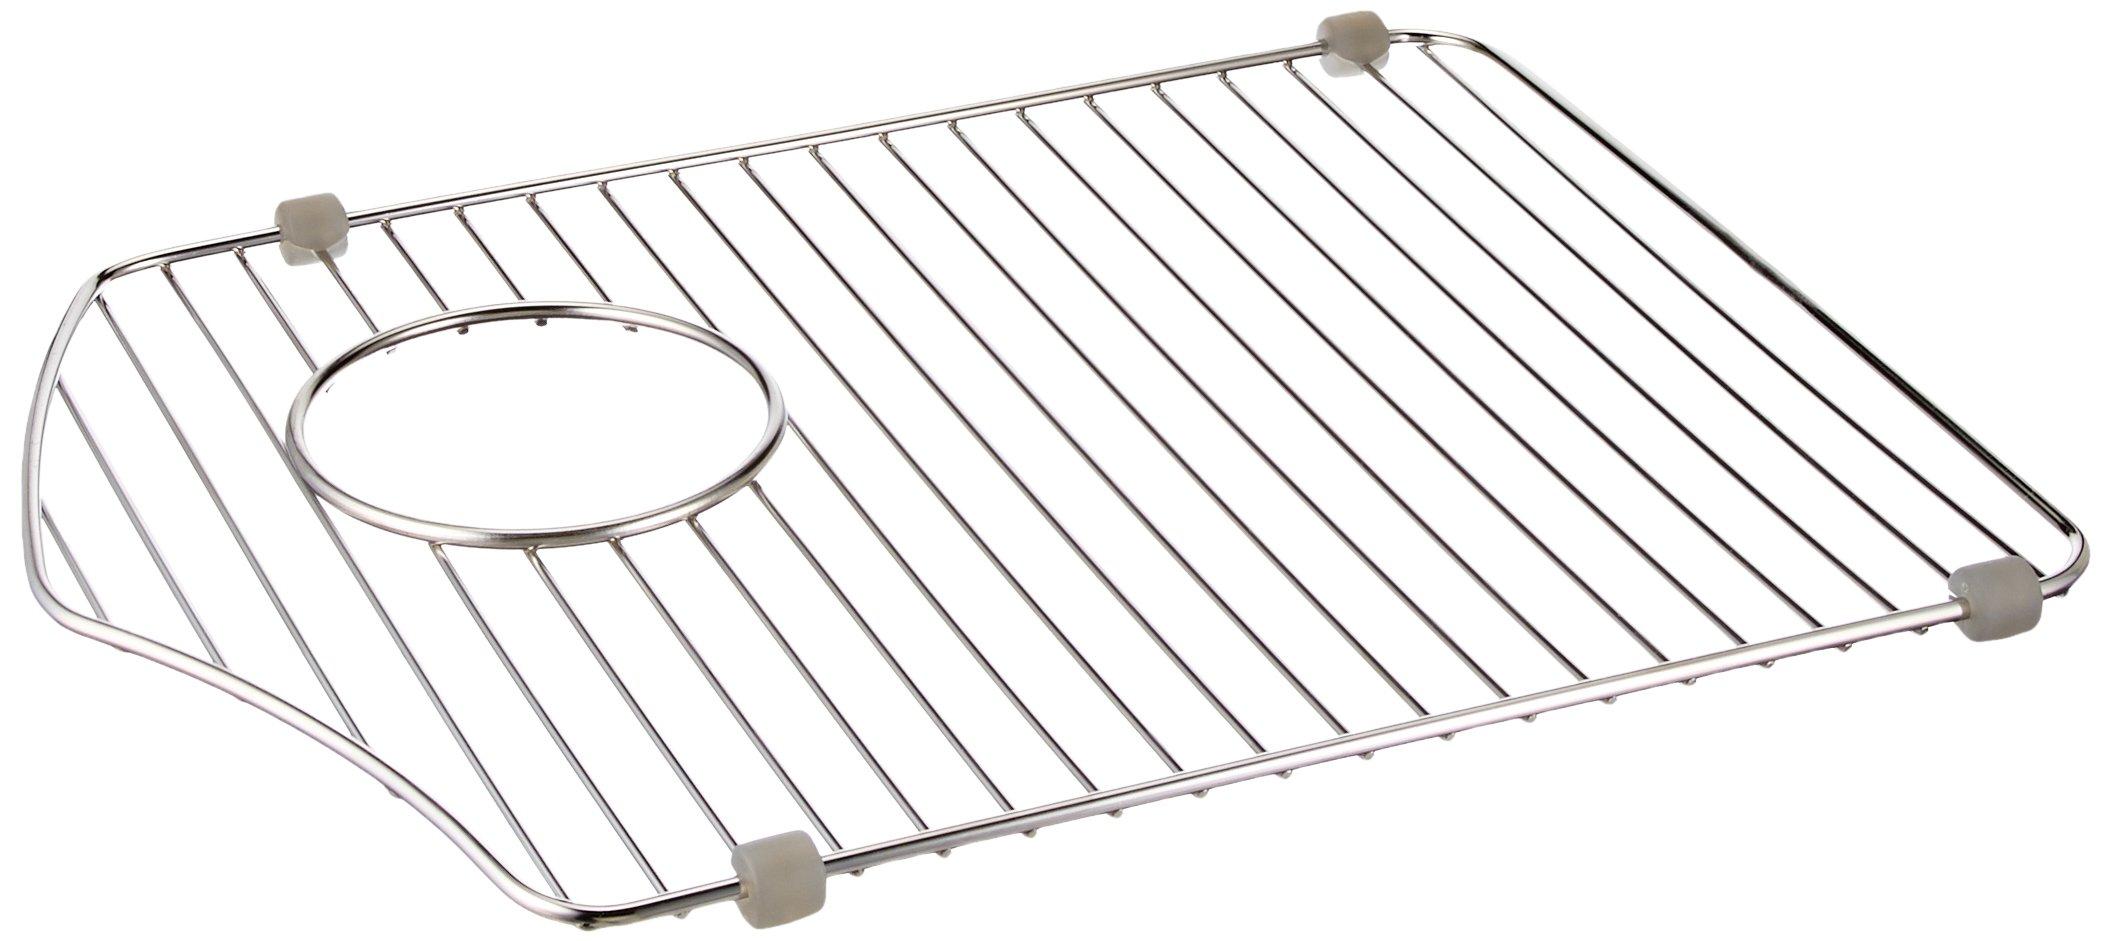 KOHLER K-6659-ST Bellegrove Right Basin Rack, Stainless Steel